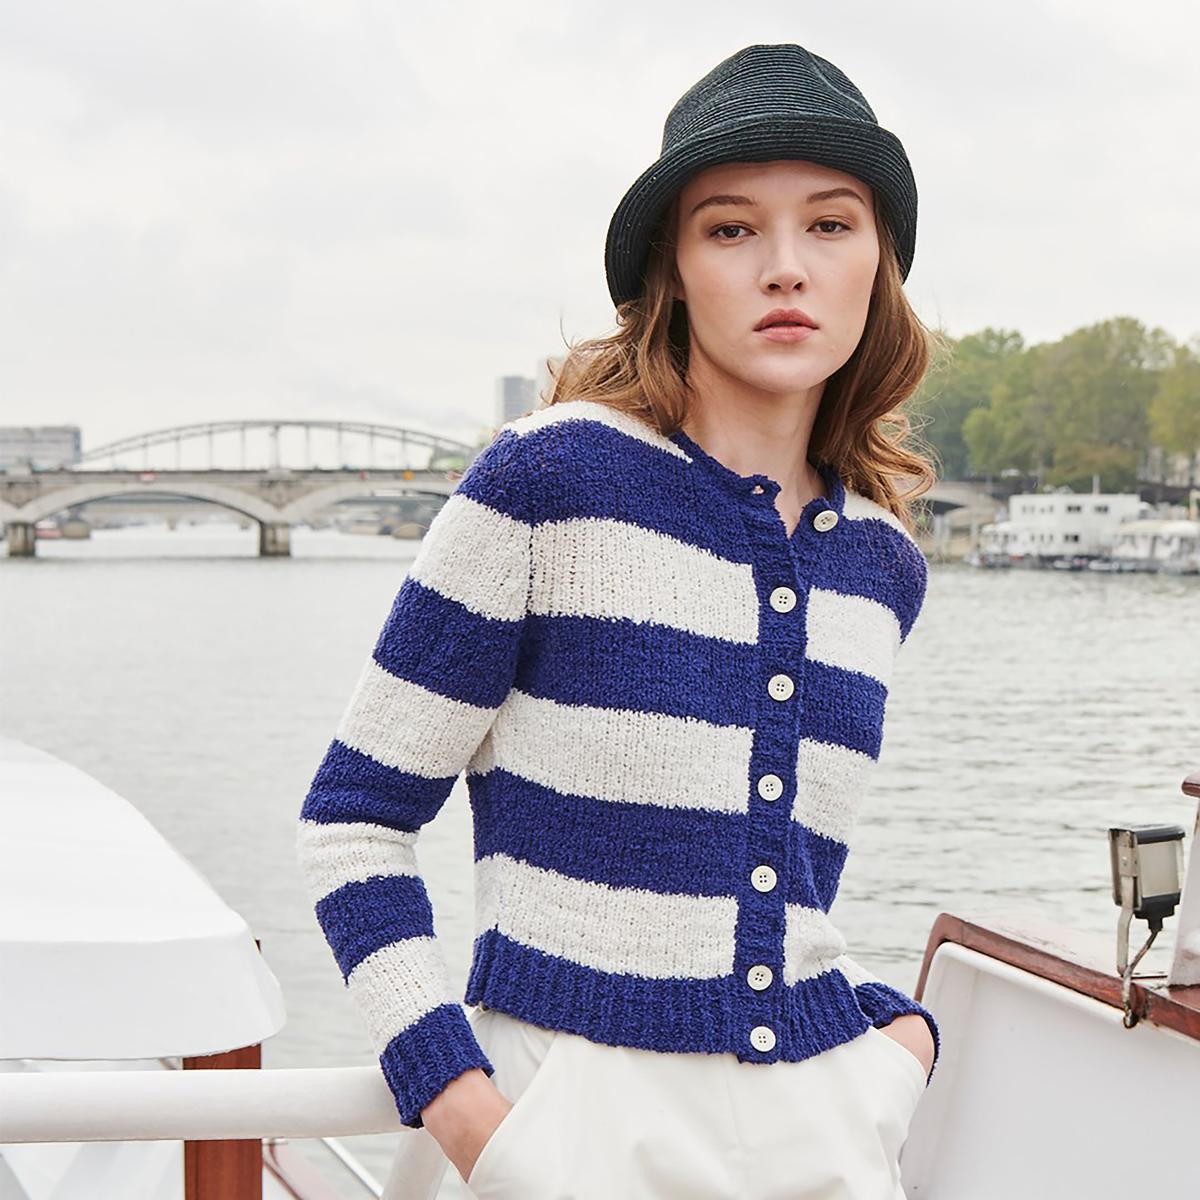 Agnès b.台灣官方線上購物正式啟動!開襟外套、Voyage尼龍包 、棒球帽…7大必買單品直送到府-0